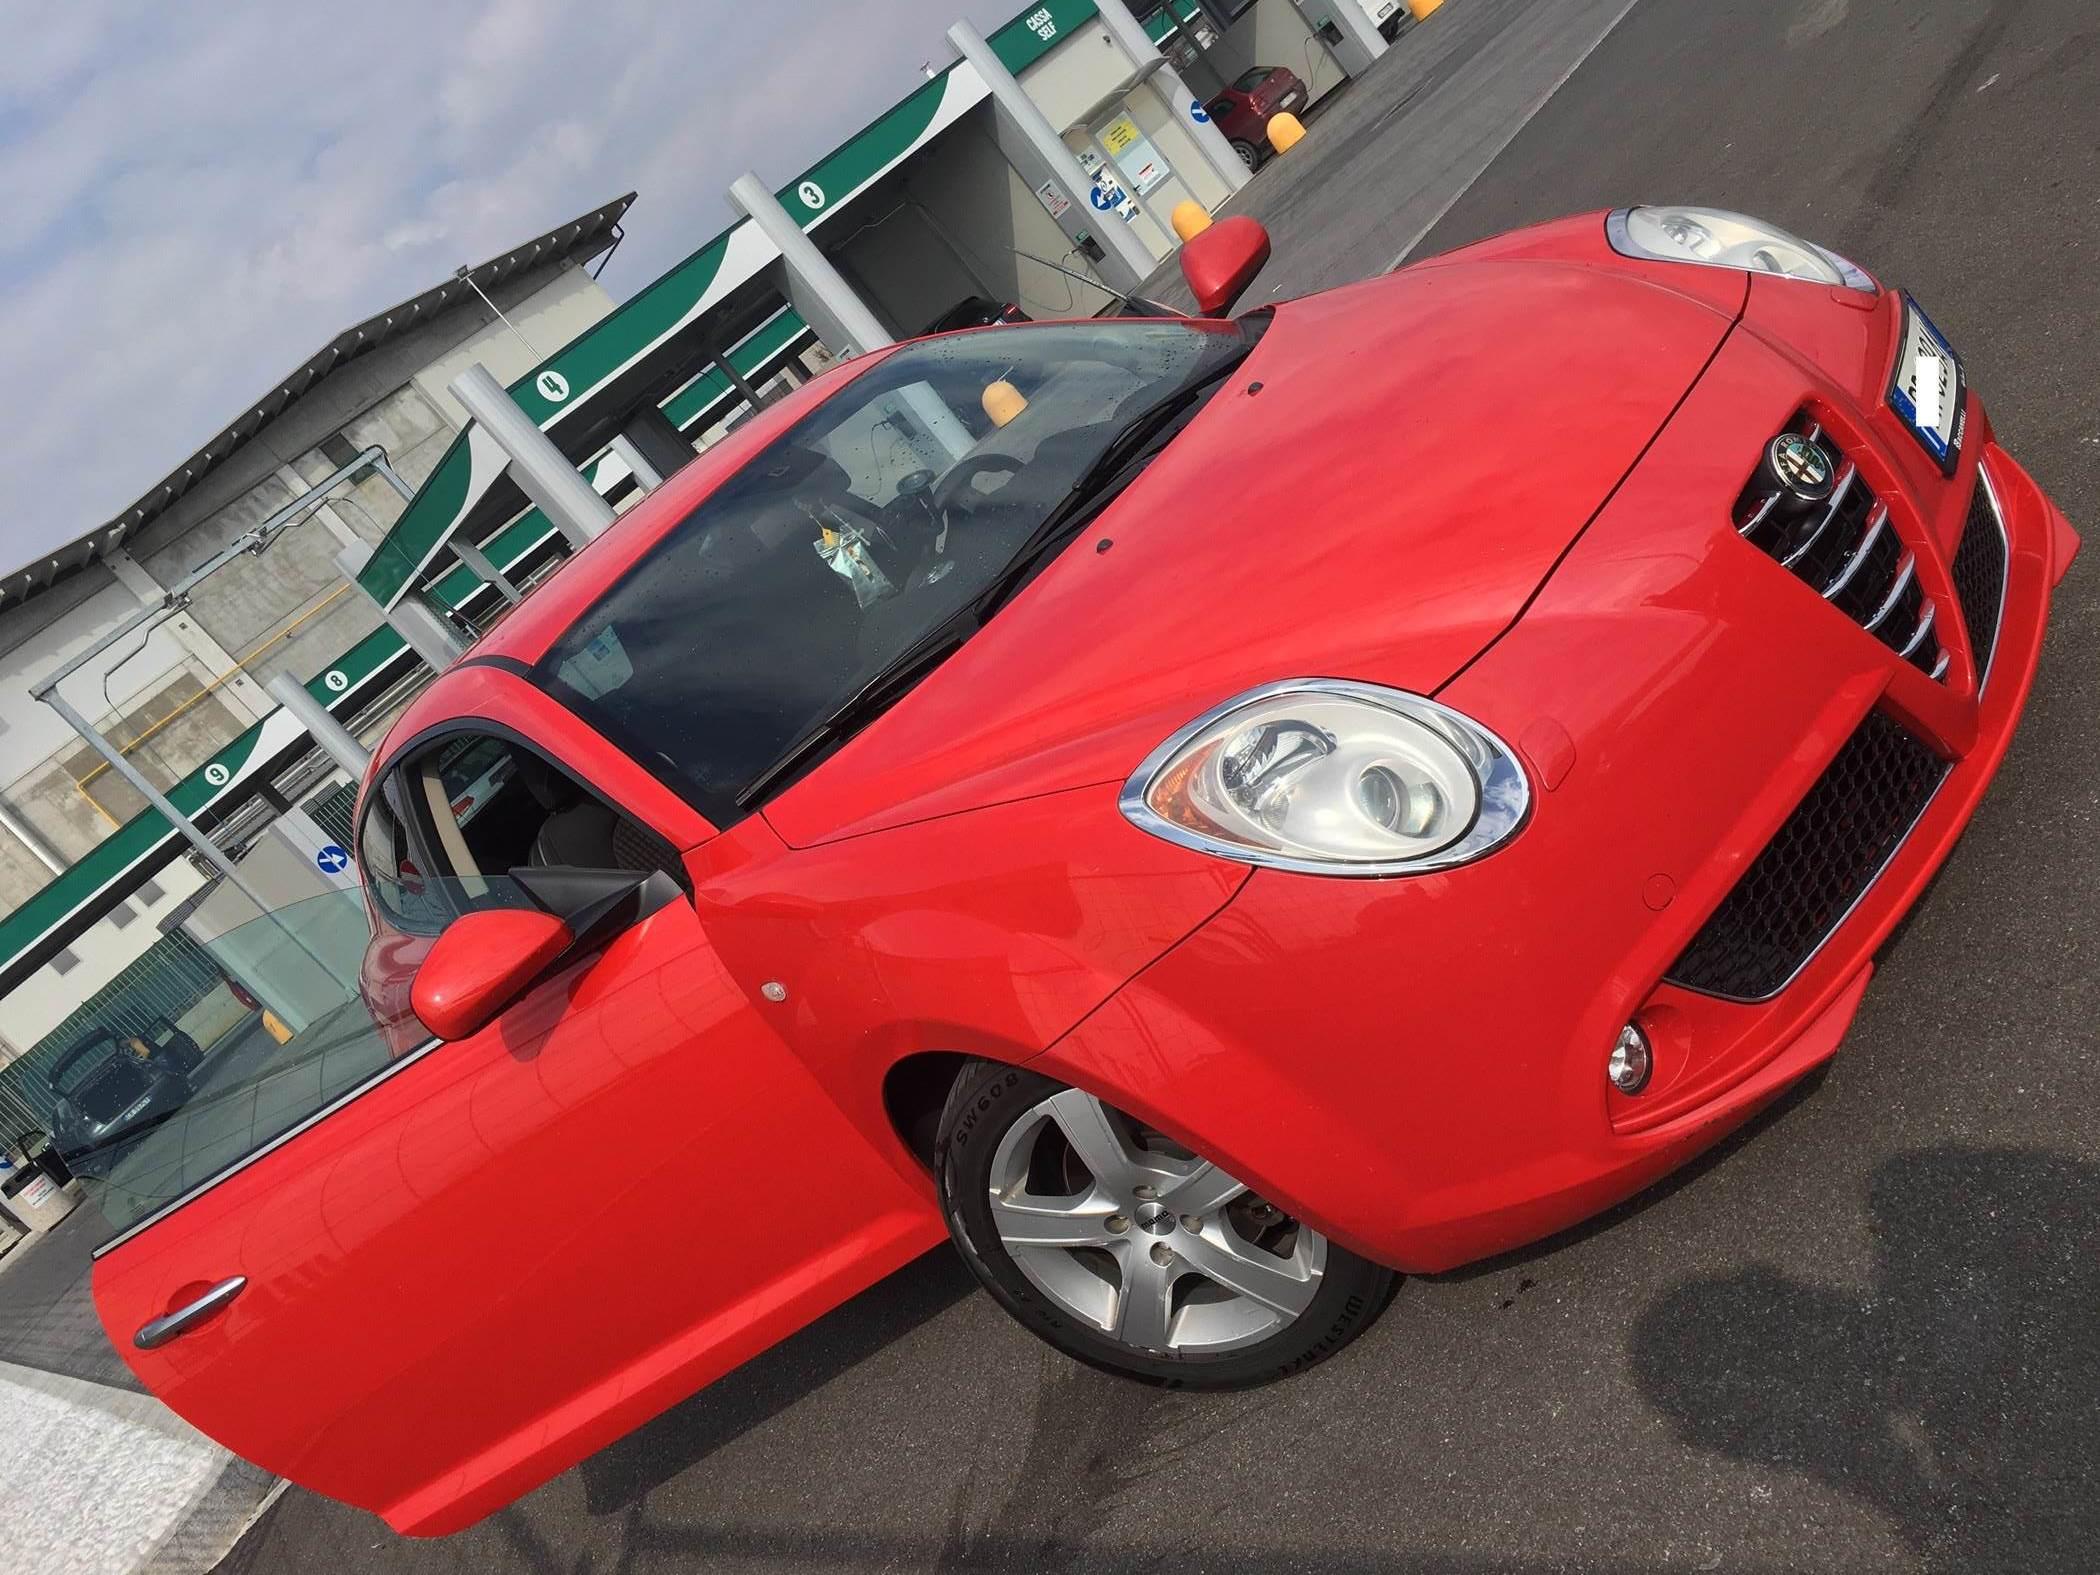 foto Alfa Romeo Mito - 1.6 jtdm 120cv - Distinctive - 2008 - 1